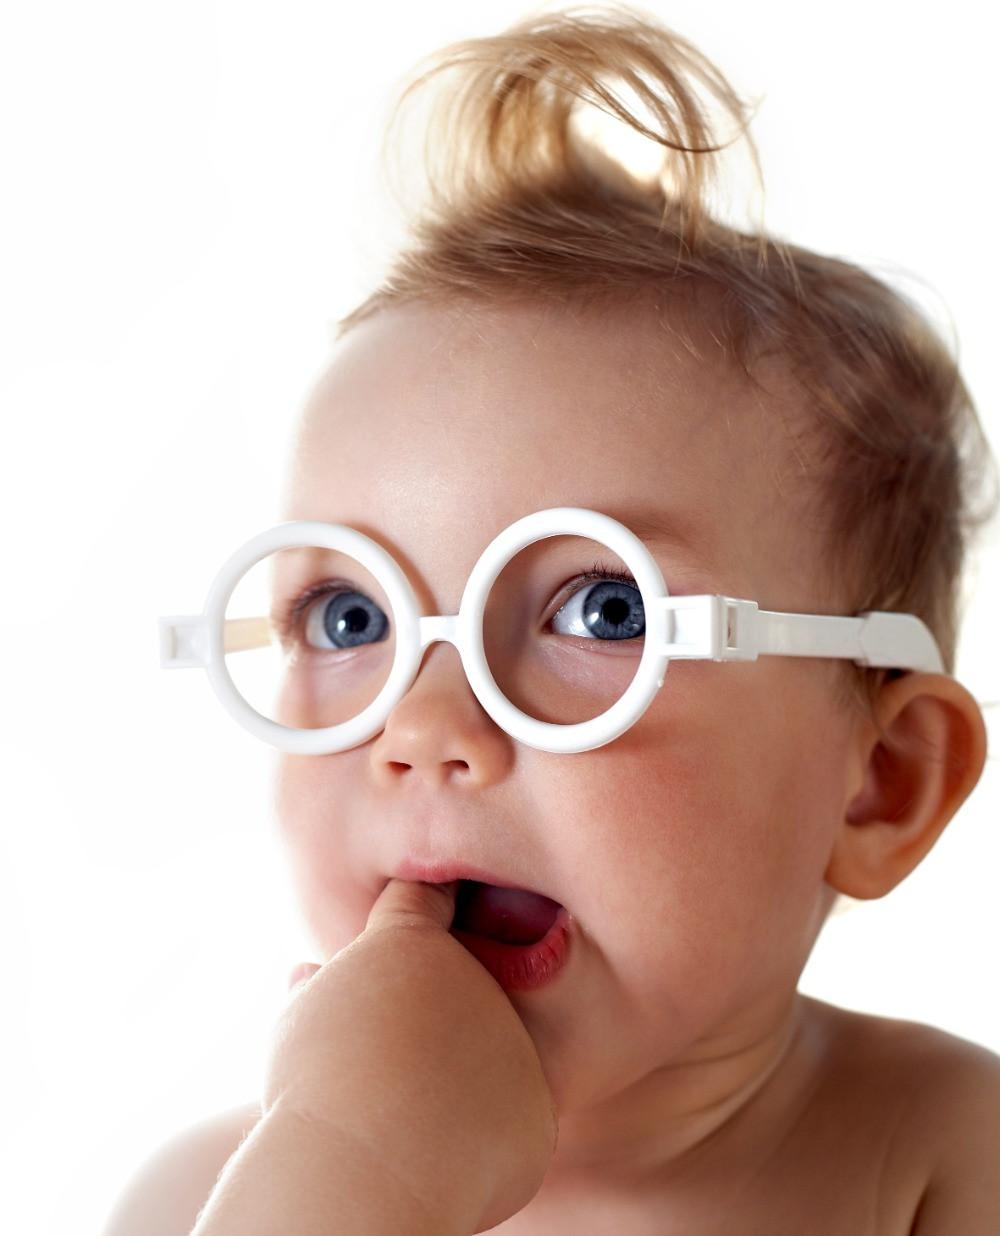 gyermek látása látás-helyreállítás 2. rész